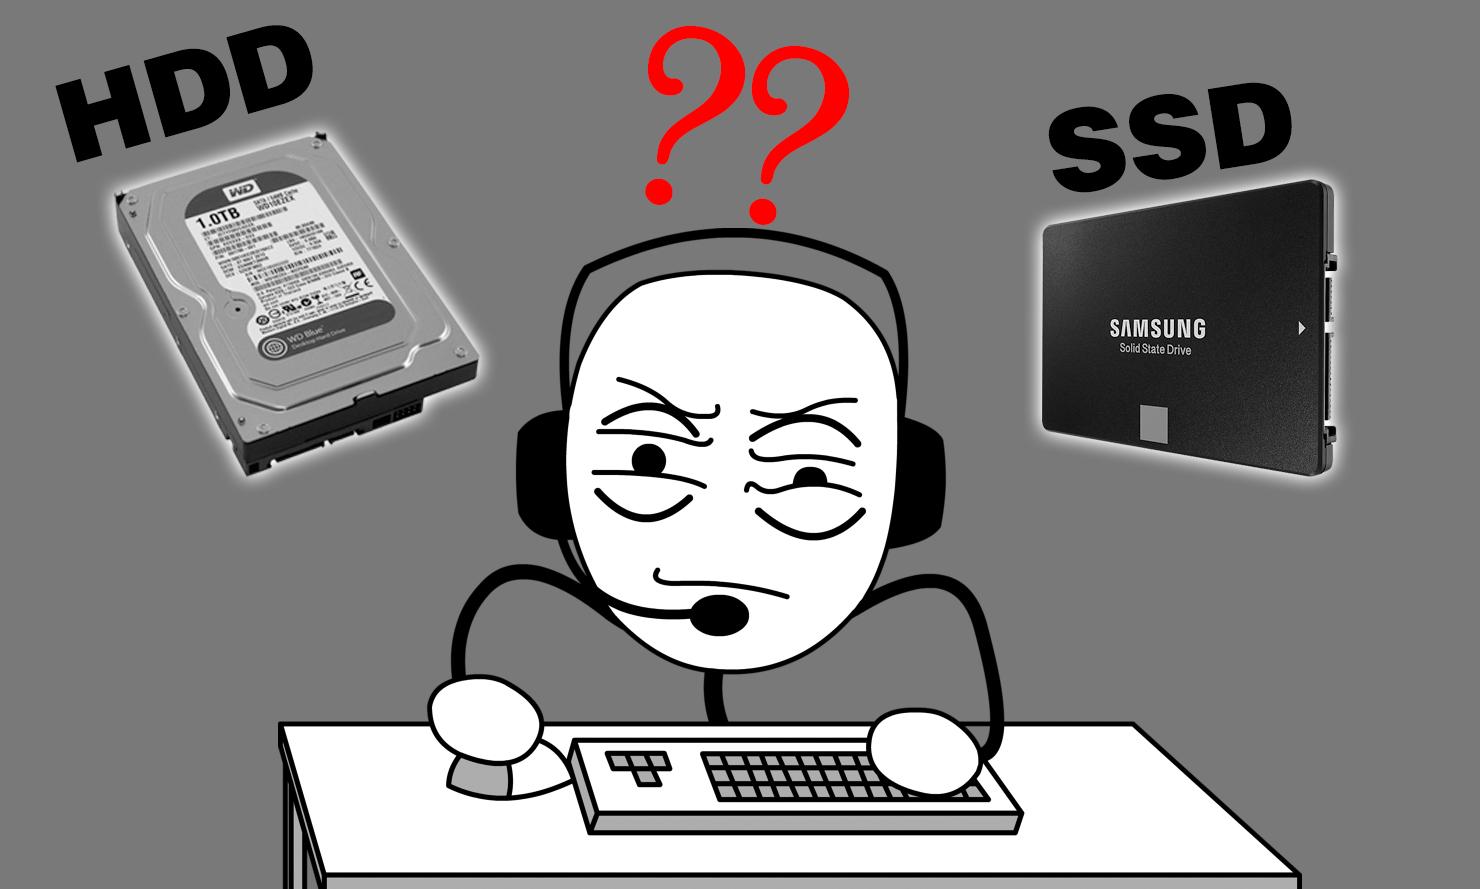 NHỮNG ĐẶC ĐIỂM KHÁC NHAU GIỮA HDD VỚI SSD MÀ BẠN CẦN LƯU Ý KHI CHỌN MUA ?